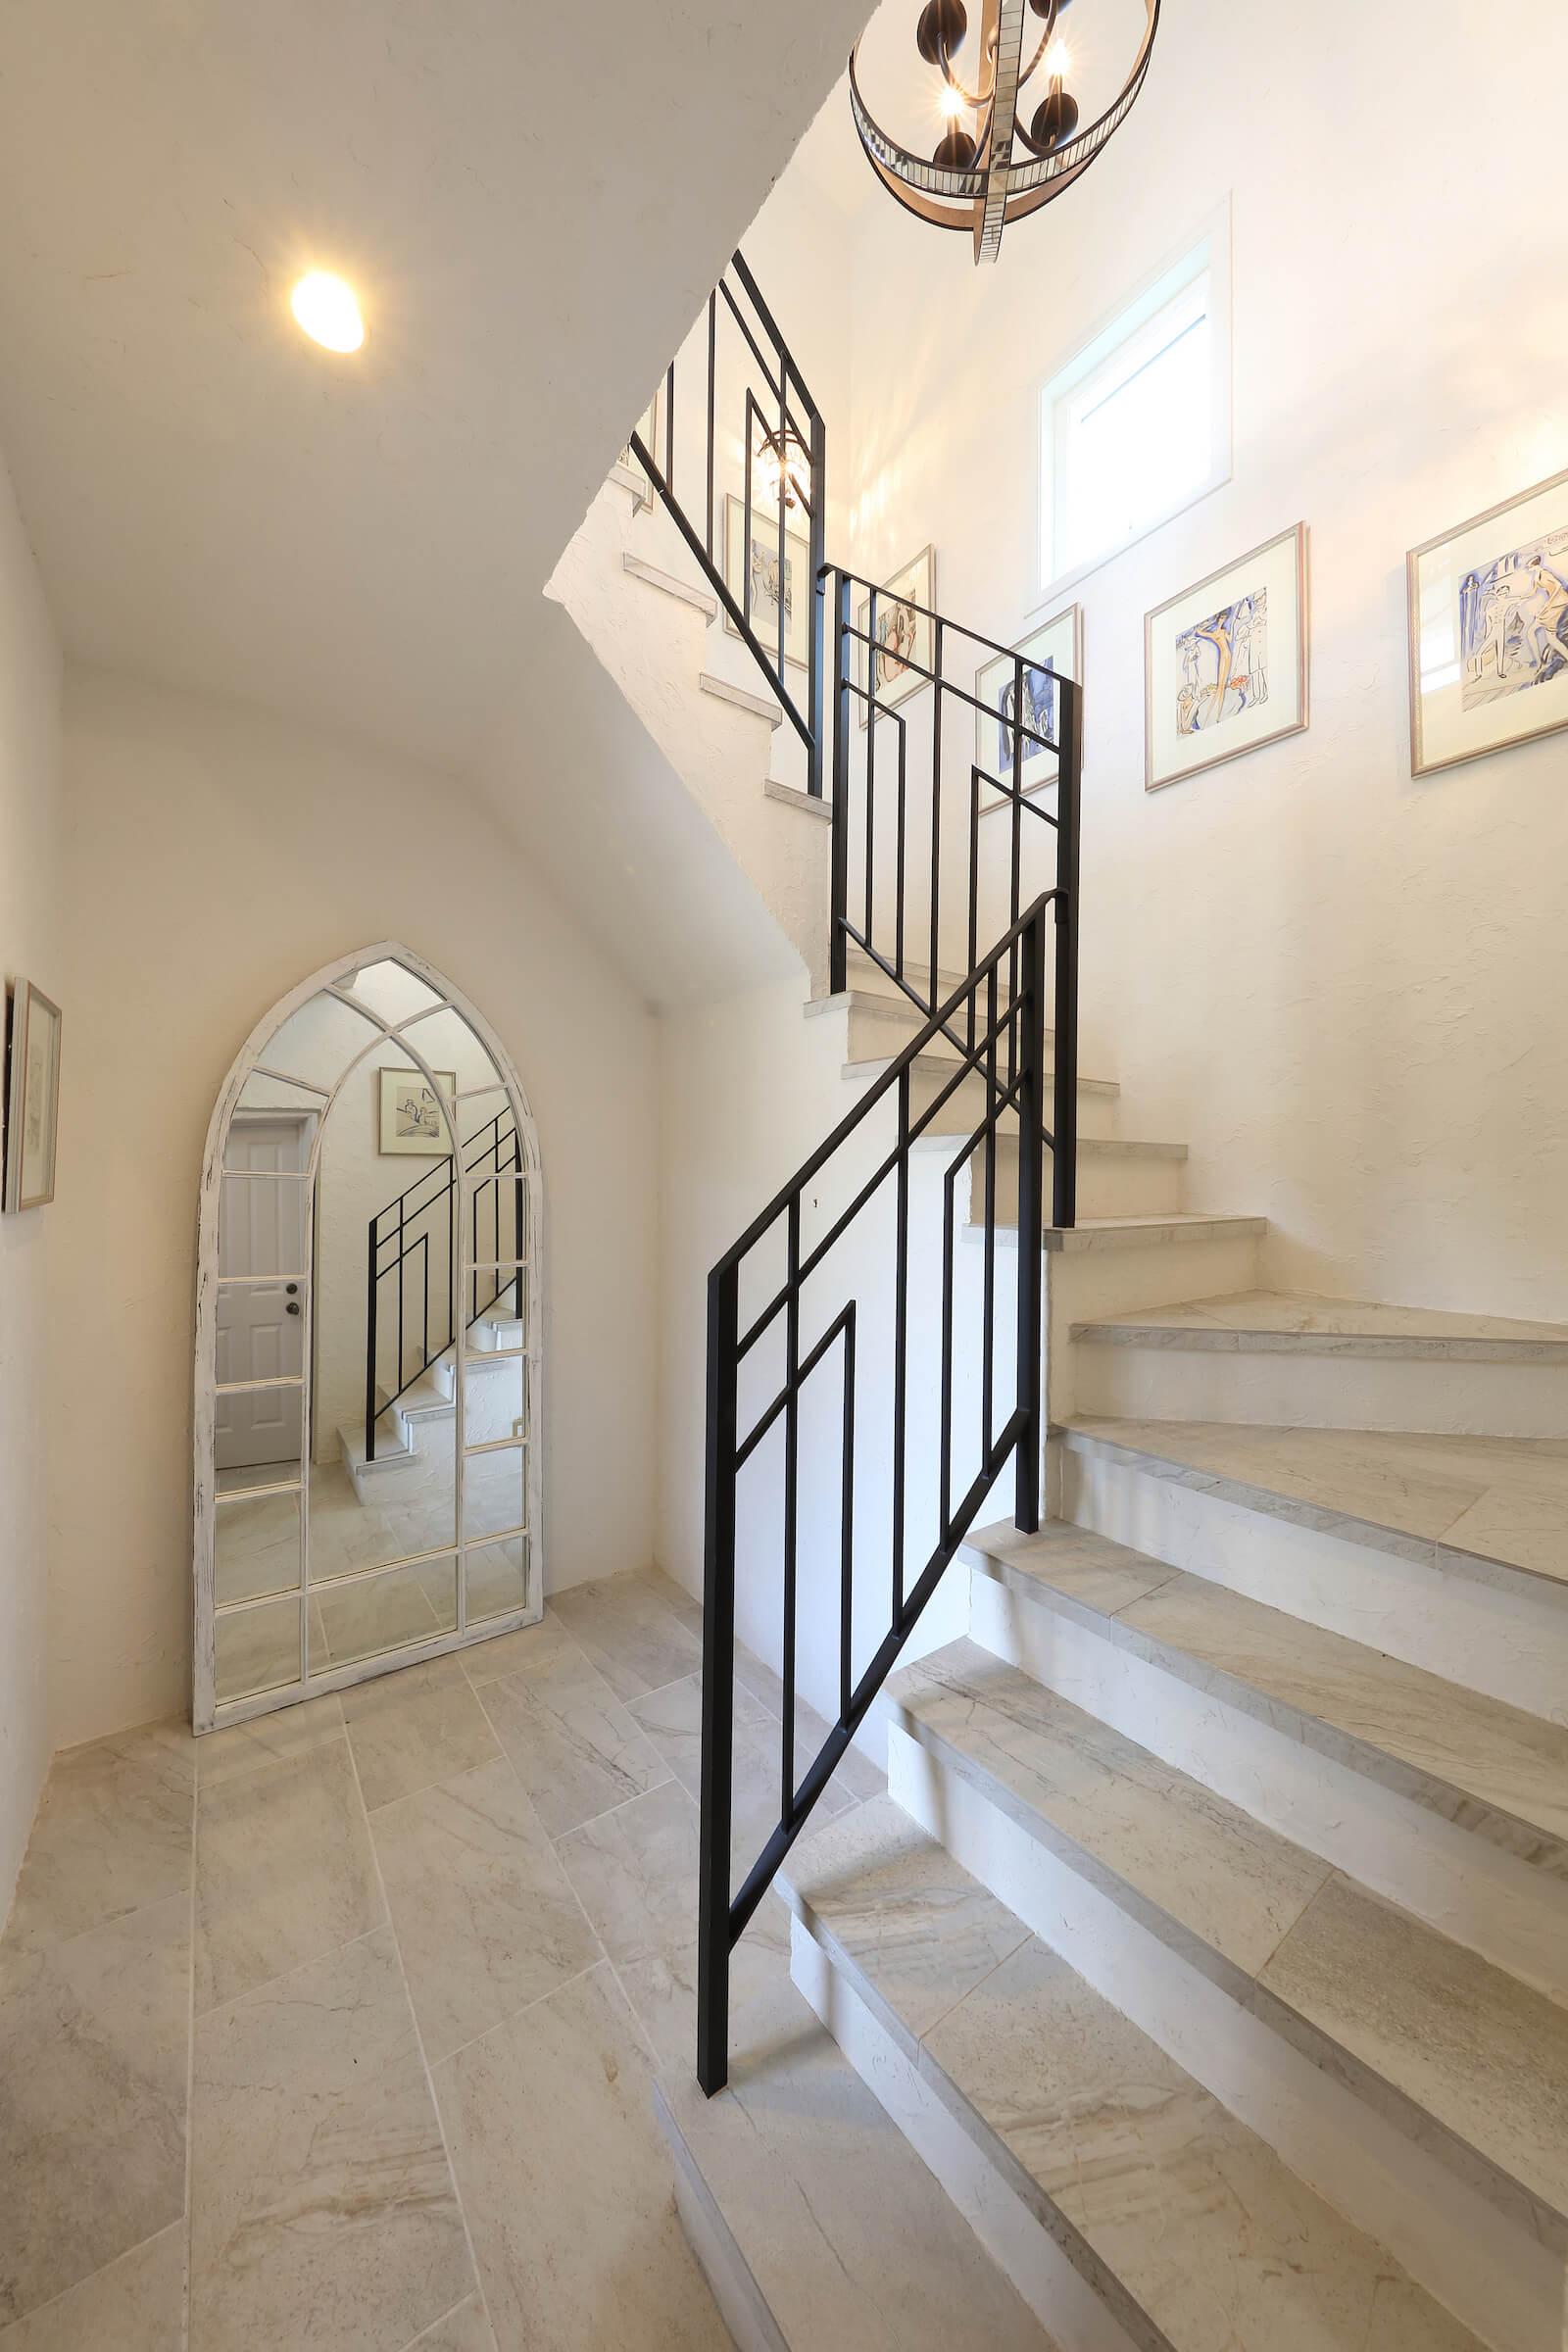 パリアパルトマンスタイルの輸入住宅の階段